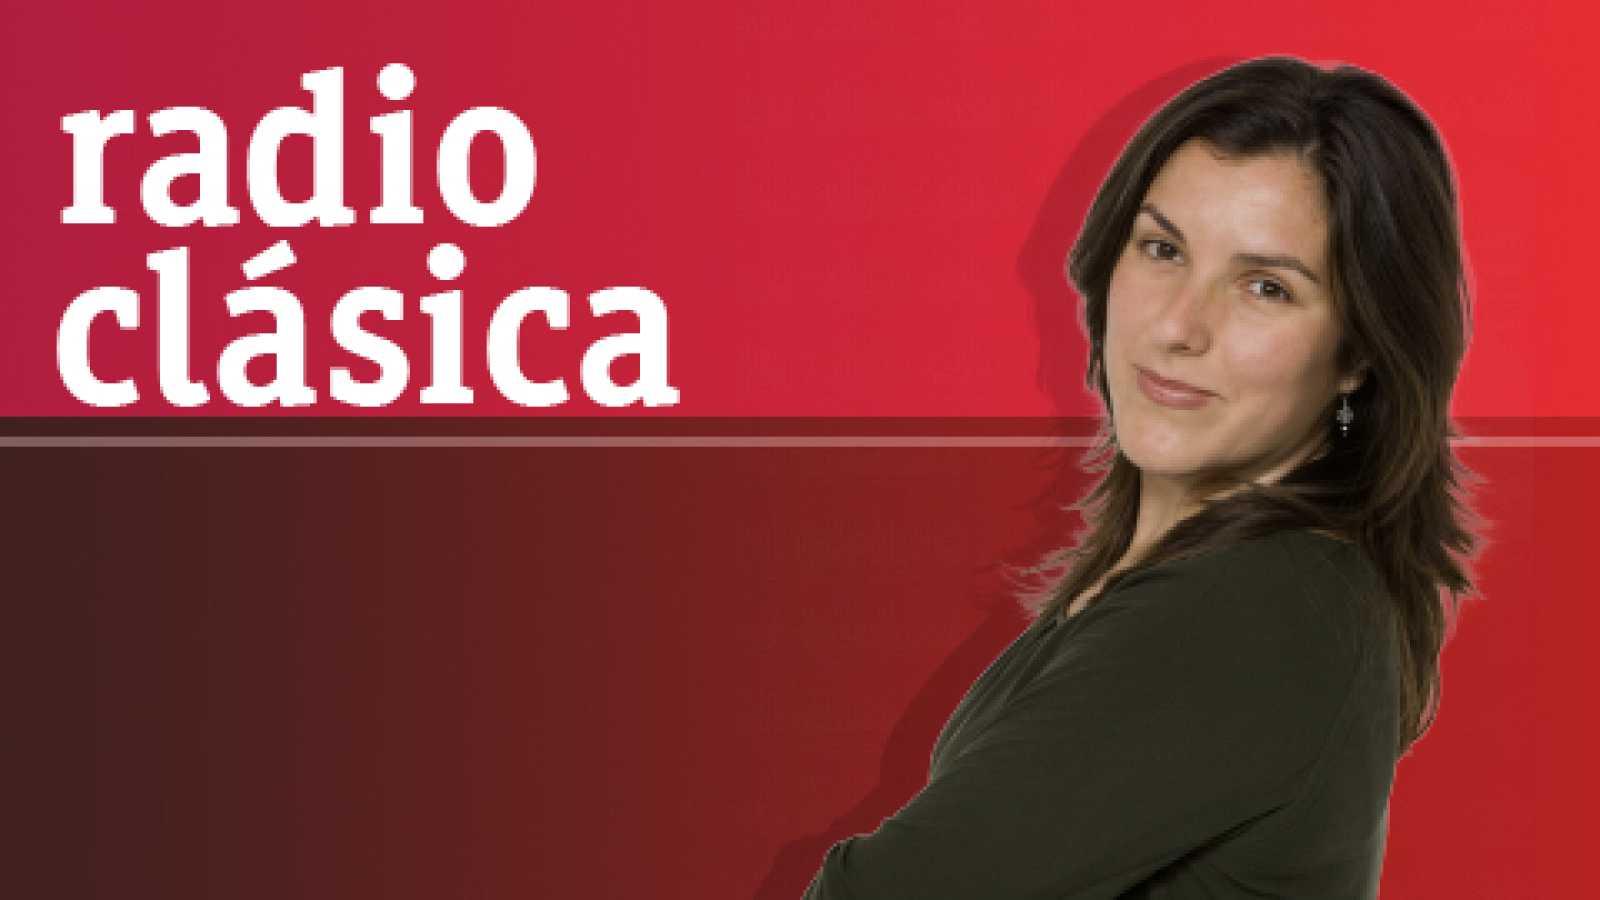 Los clásicos - Crear afición - 27/02/13 - Escuchar ahora